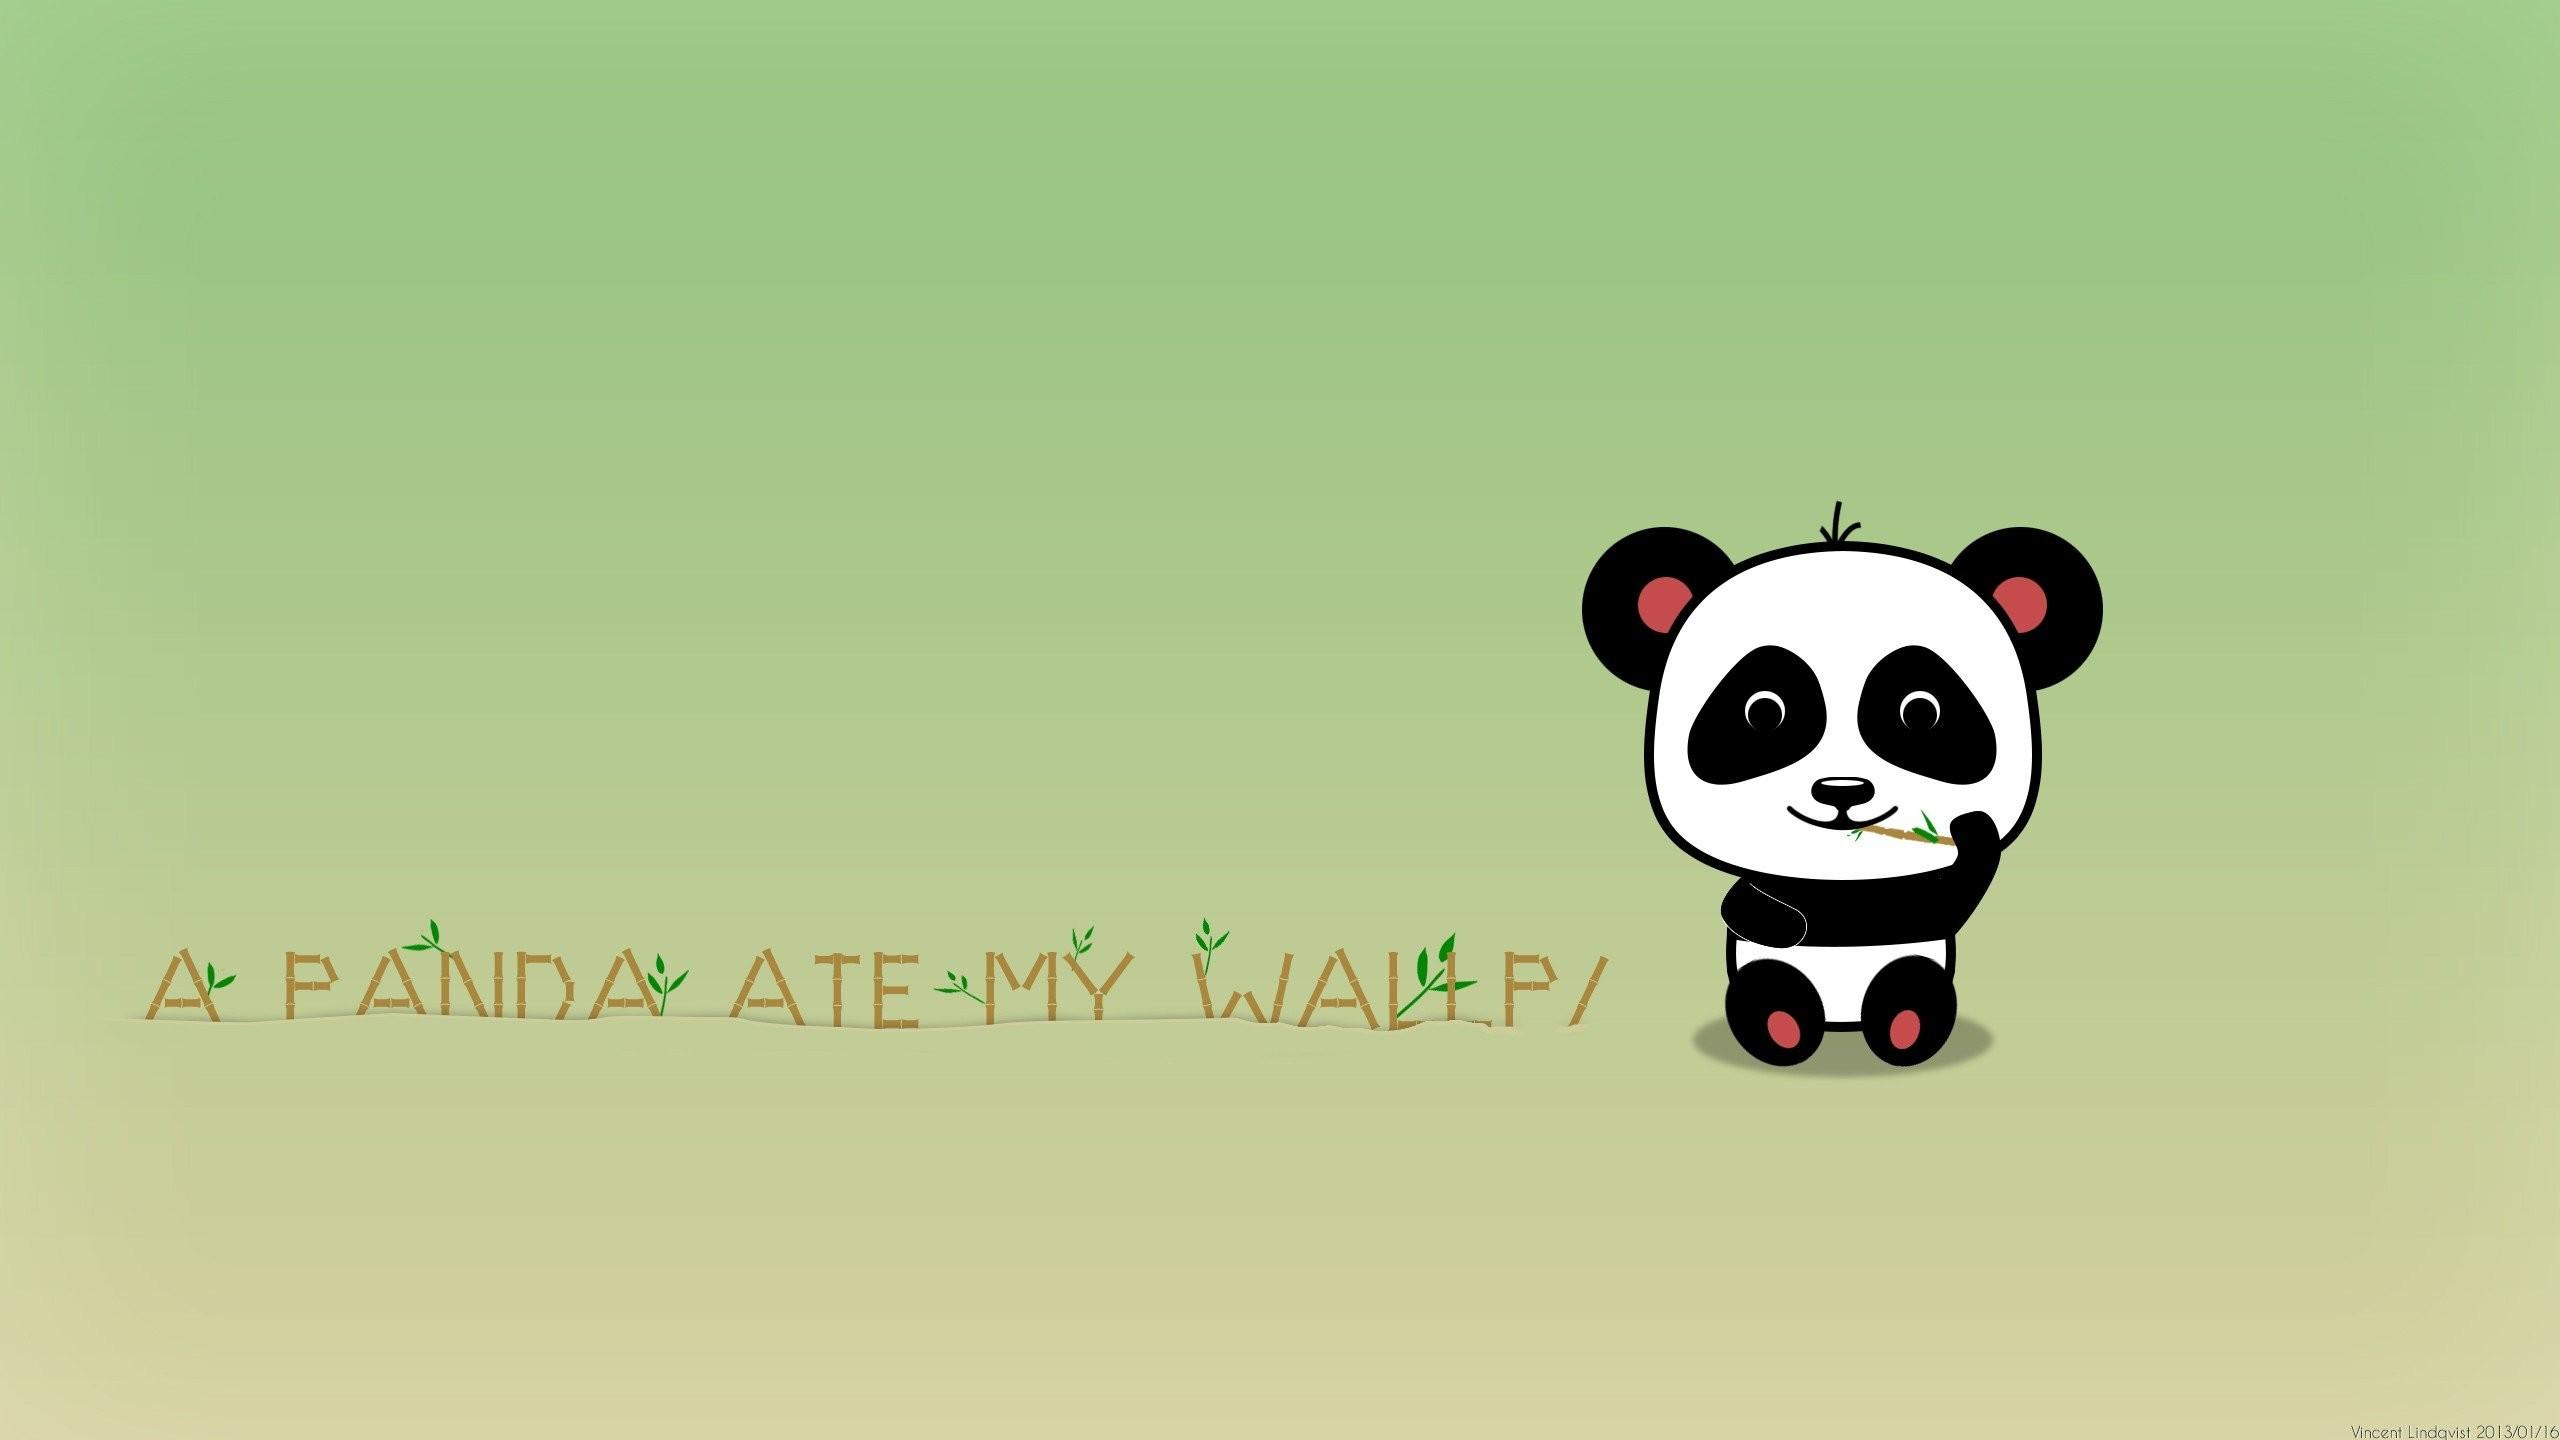 Funny Cute Panda Eat Bamboo Wallpaper #8013 | Frenzia.com